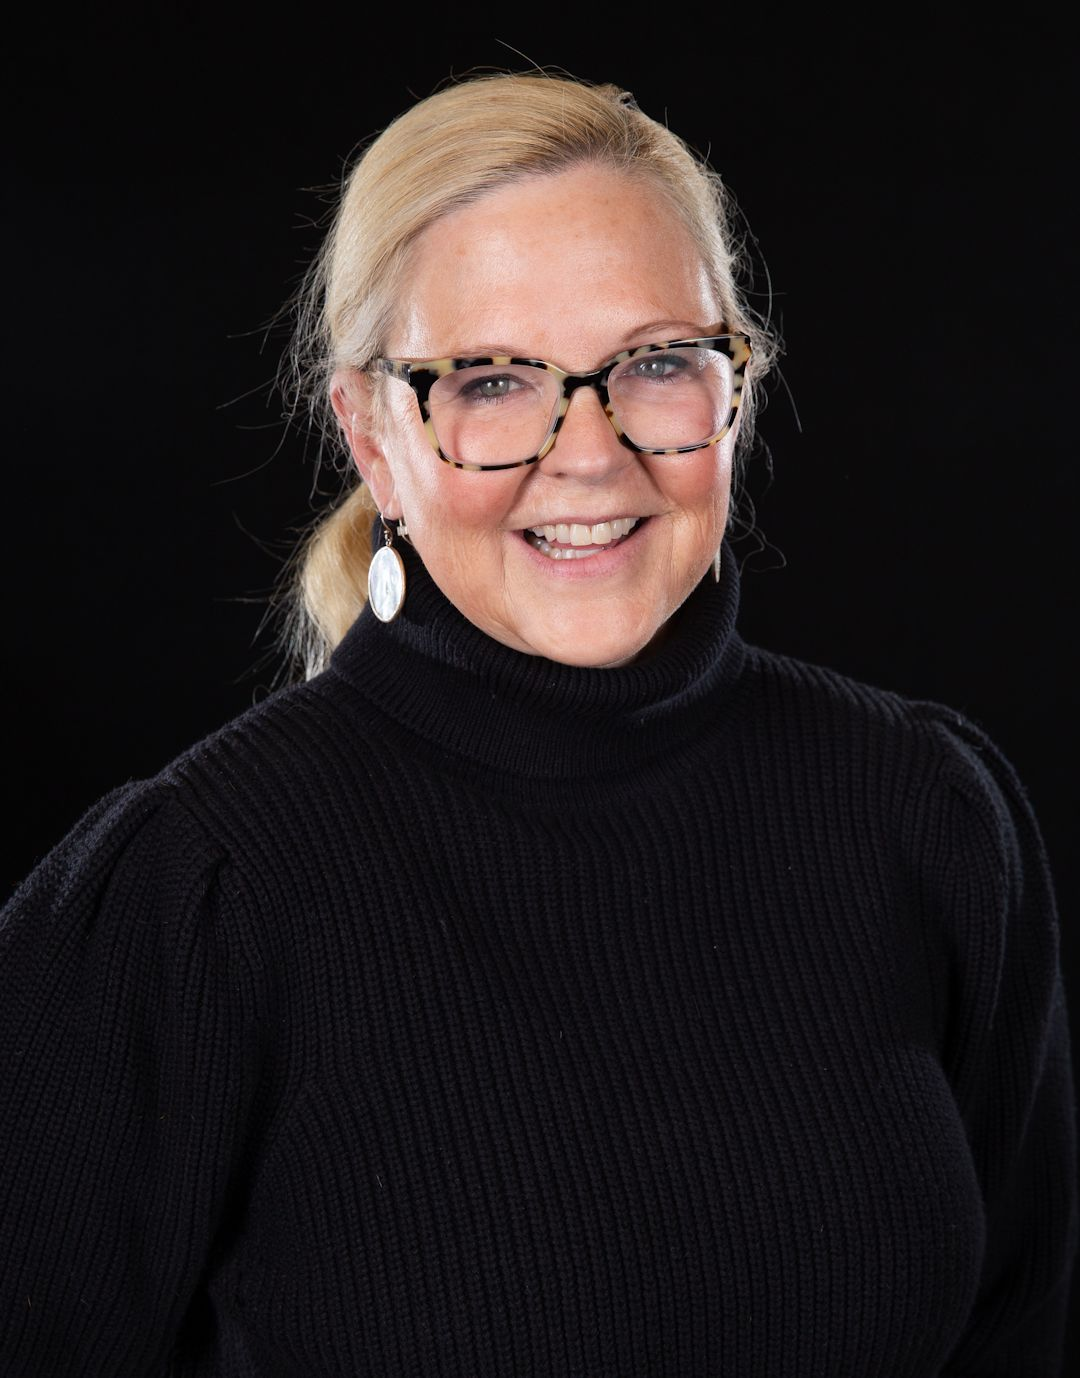 Elyse Hatcher